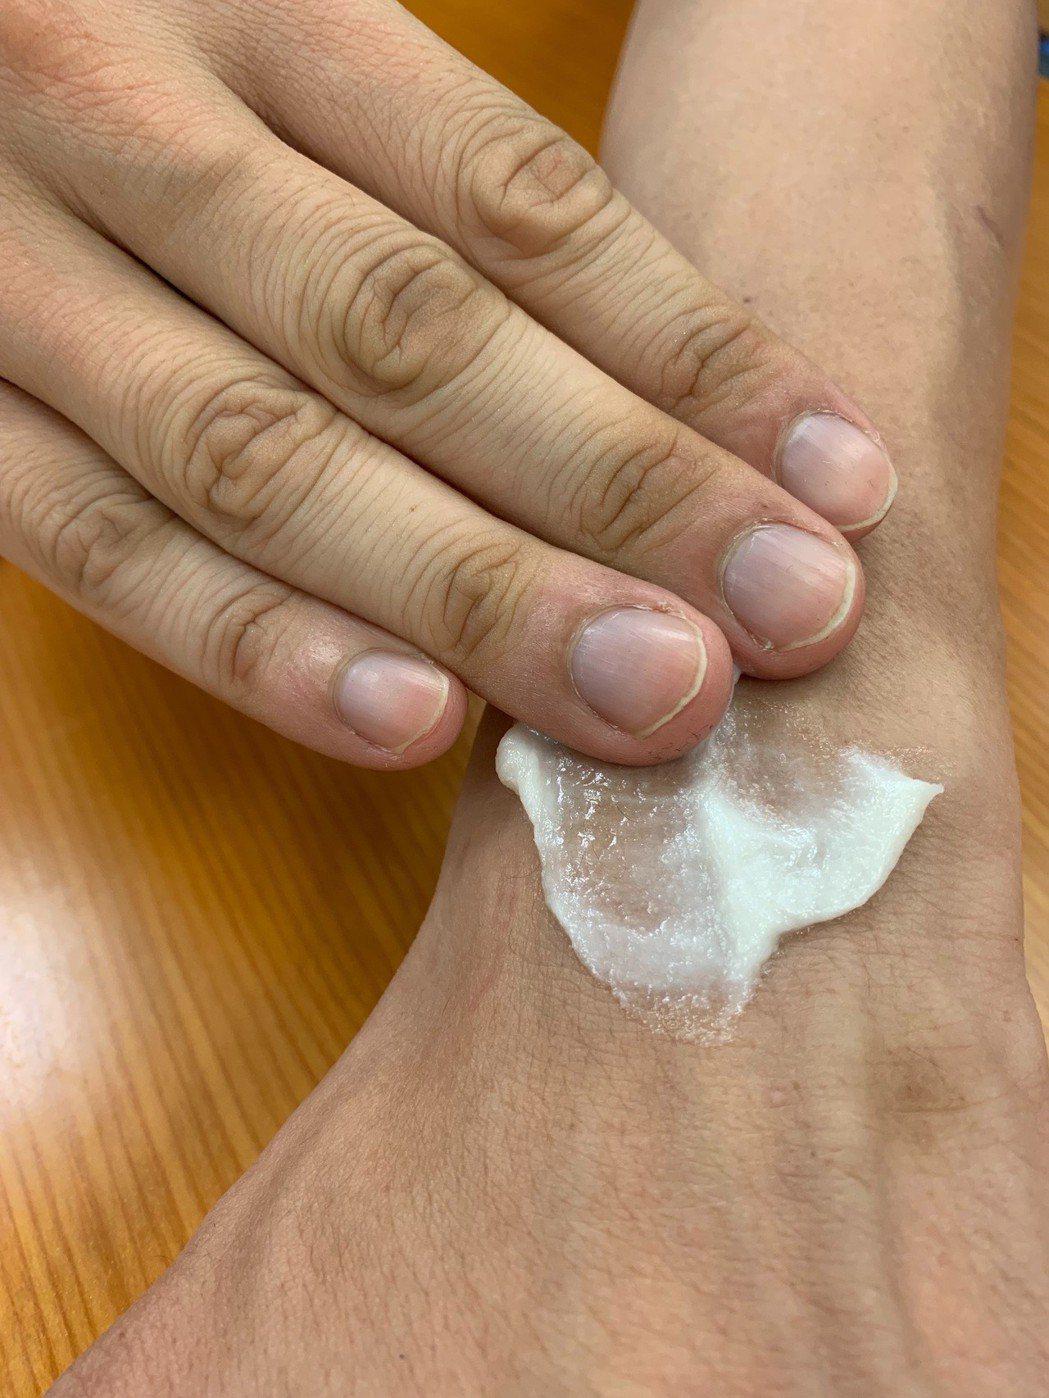 使用痠痛貼布或是藥膏,須要依照仿單使用,藥害救濟基金會呼籲使用痠痛貼布、藥膏不要...